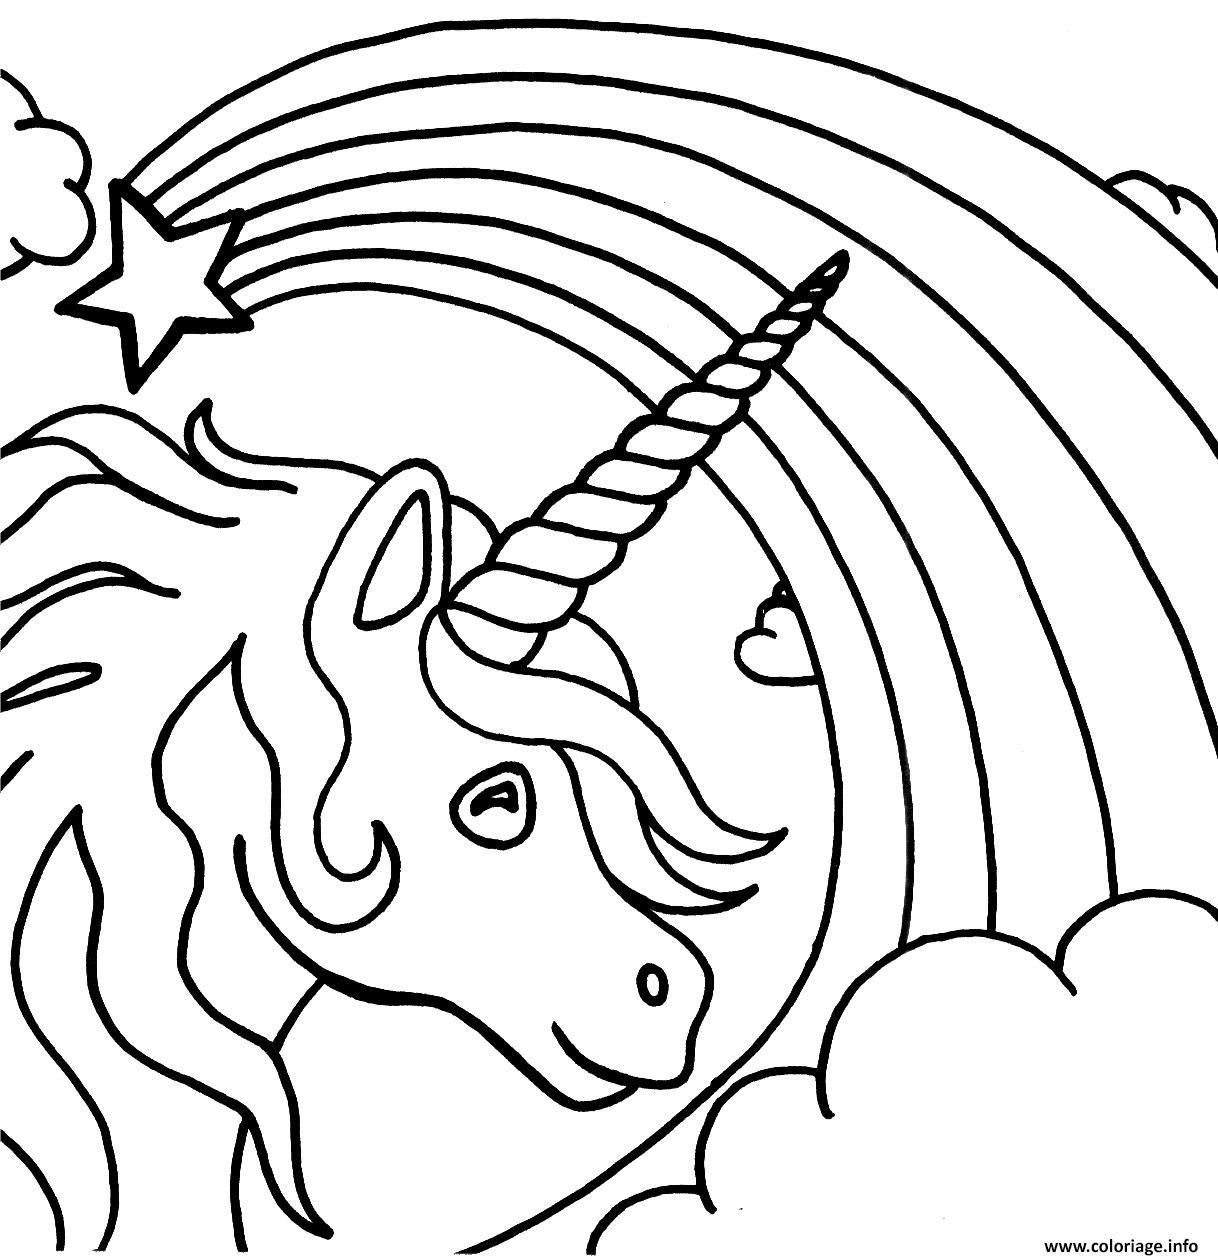 Coloriage licorne dessin mignon 42 - Coloriage mignon a imprimer ...